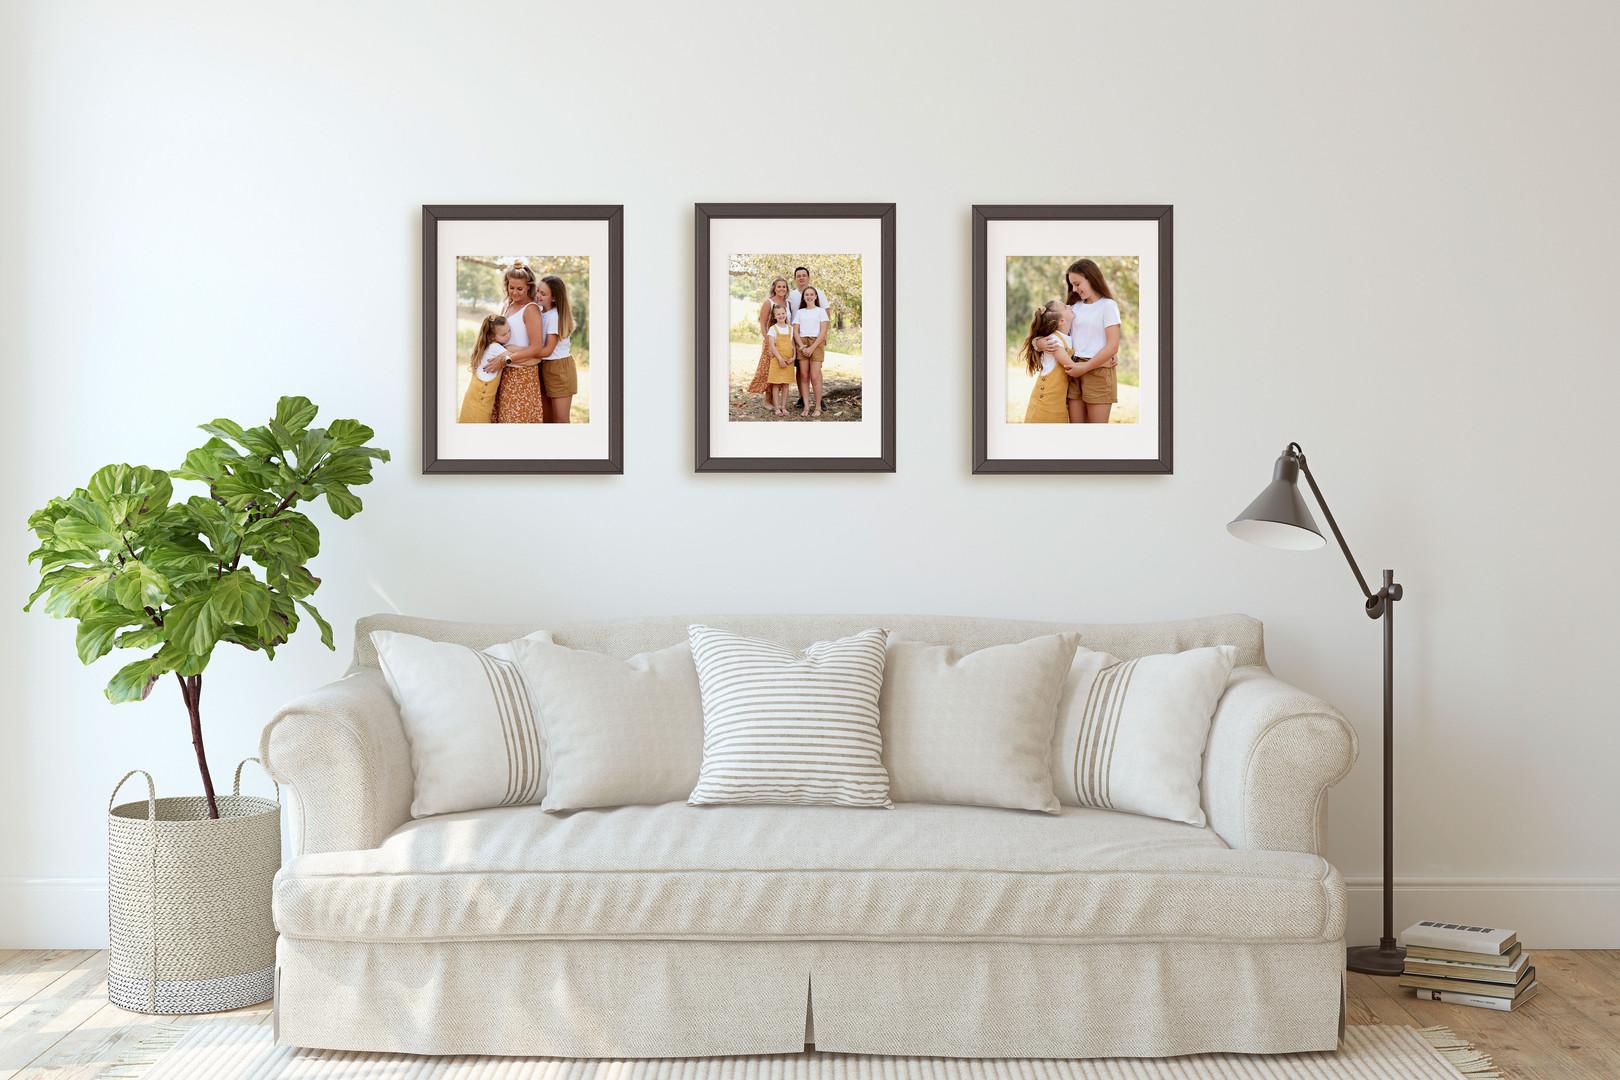 Living-room-three-frames.jpg